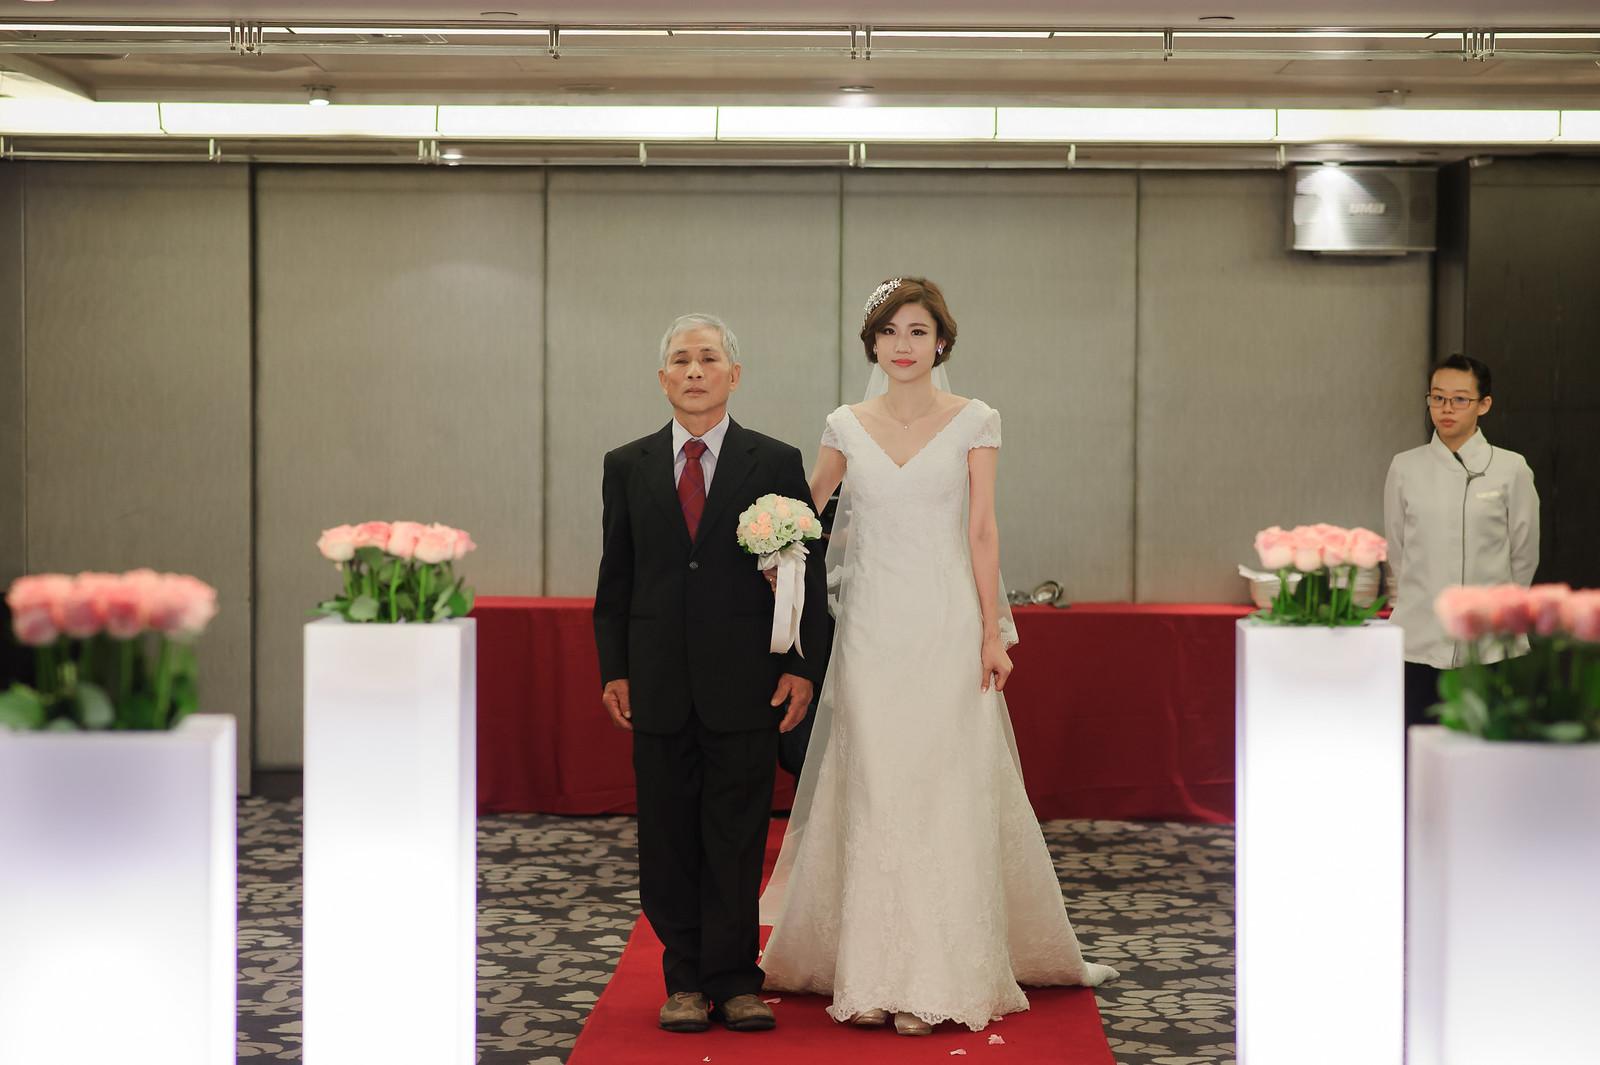 台北婚攝, 婚禮攝影, 婚攝, 婚攝守恆, 婚攝推薦, 晶華酒店, 晶華酒店婚宴, 晶華酒店婚攝-26